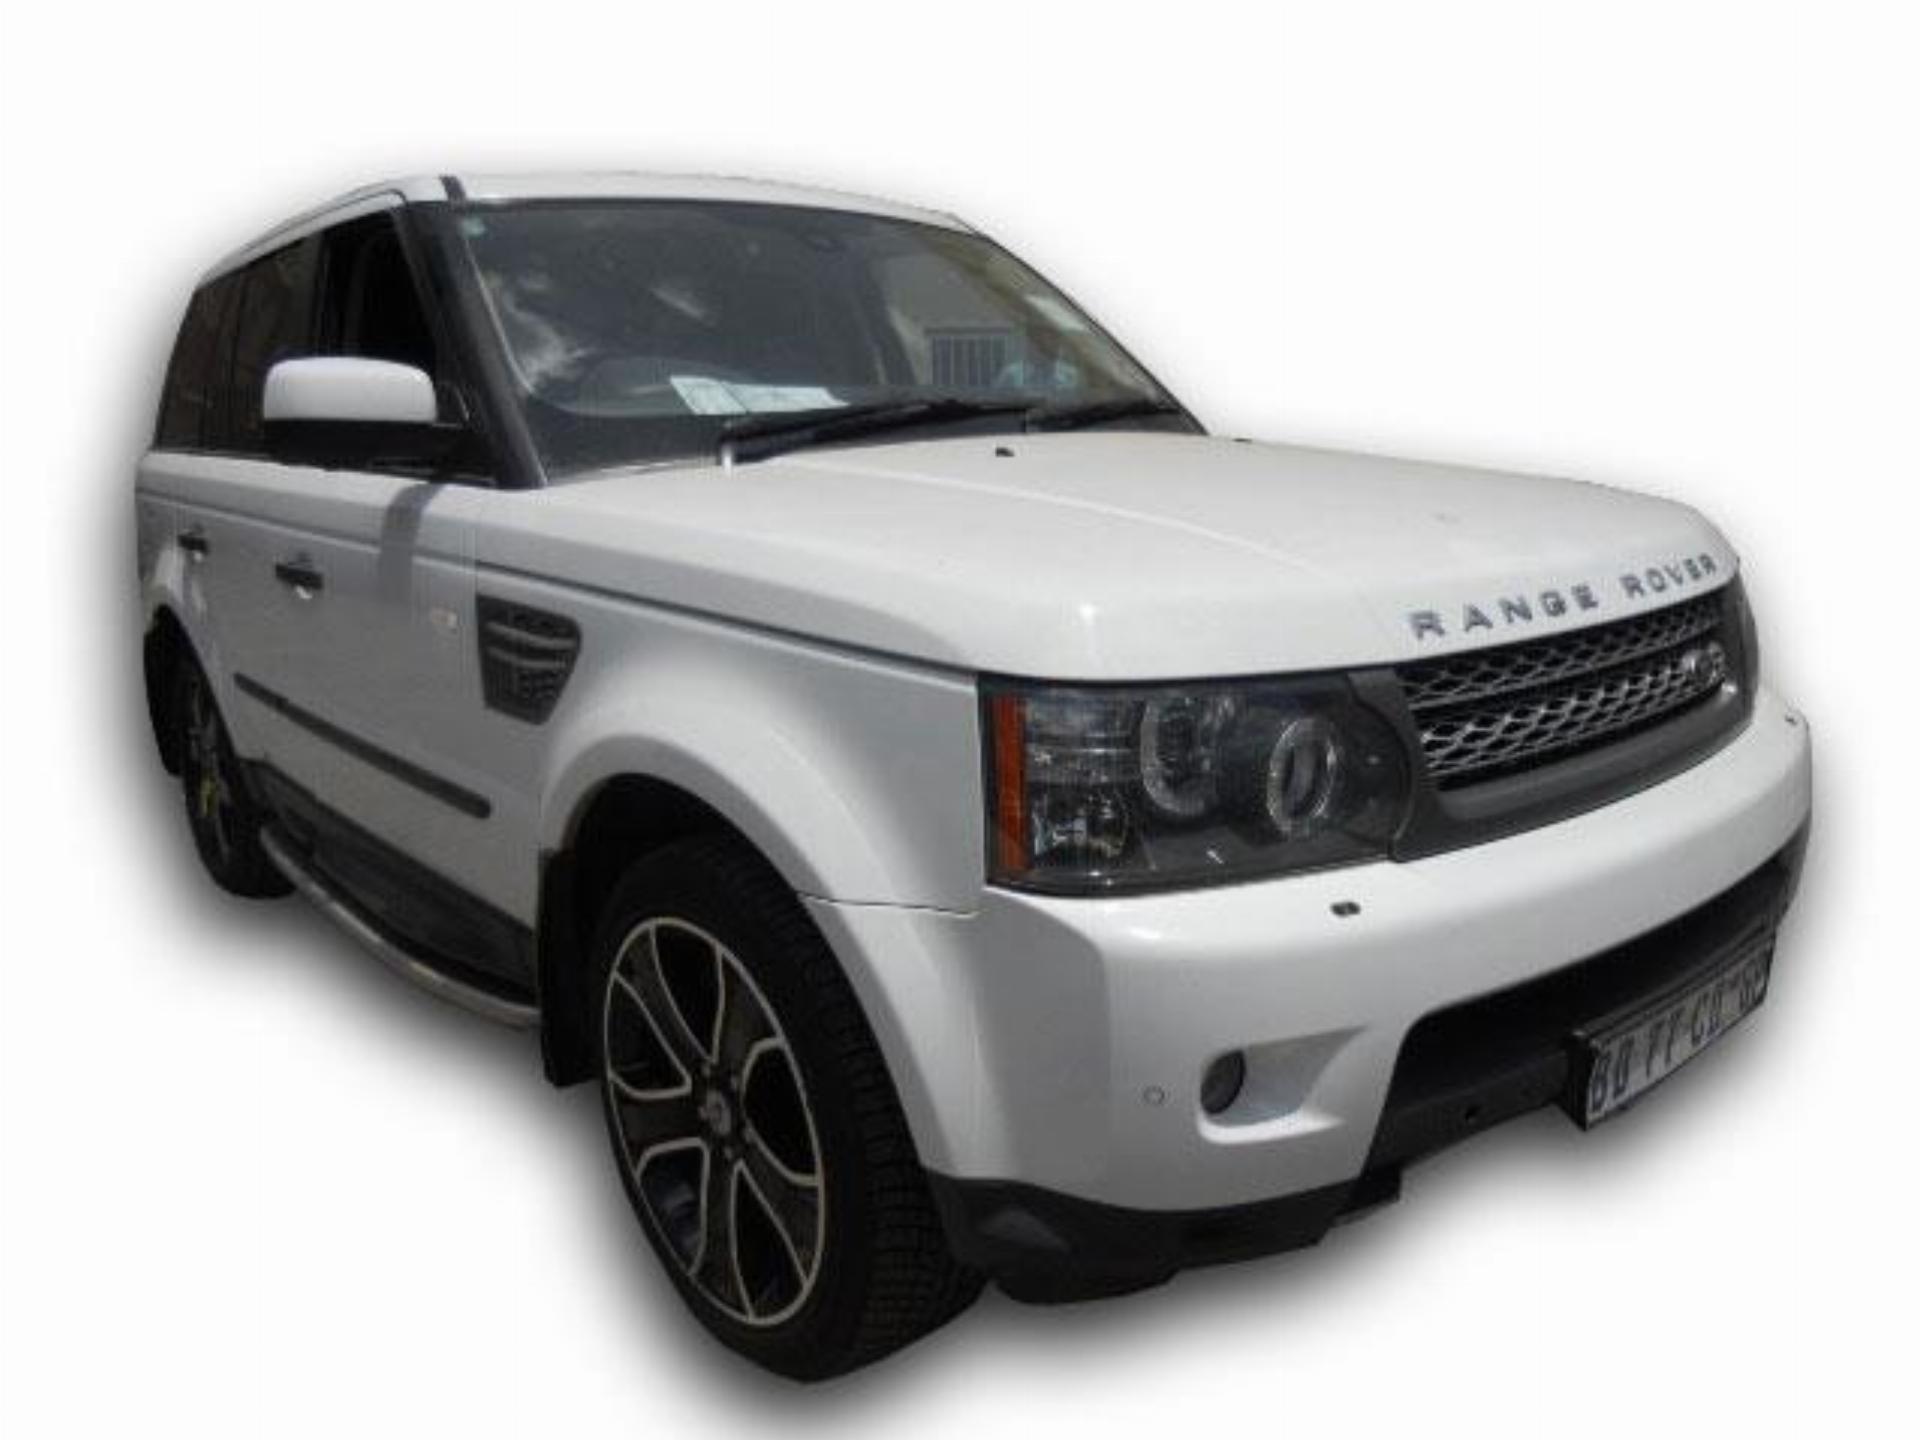 Land Rover Range Rover 5.0 S